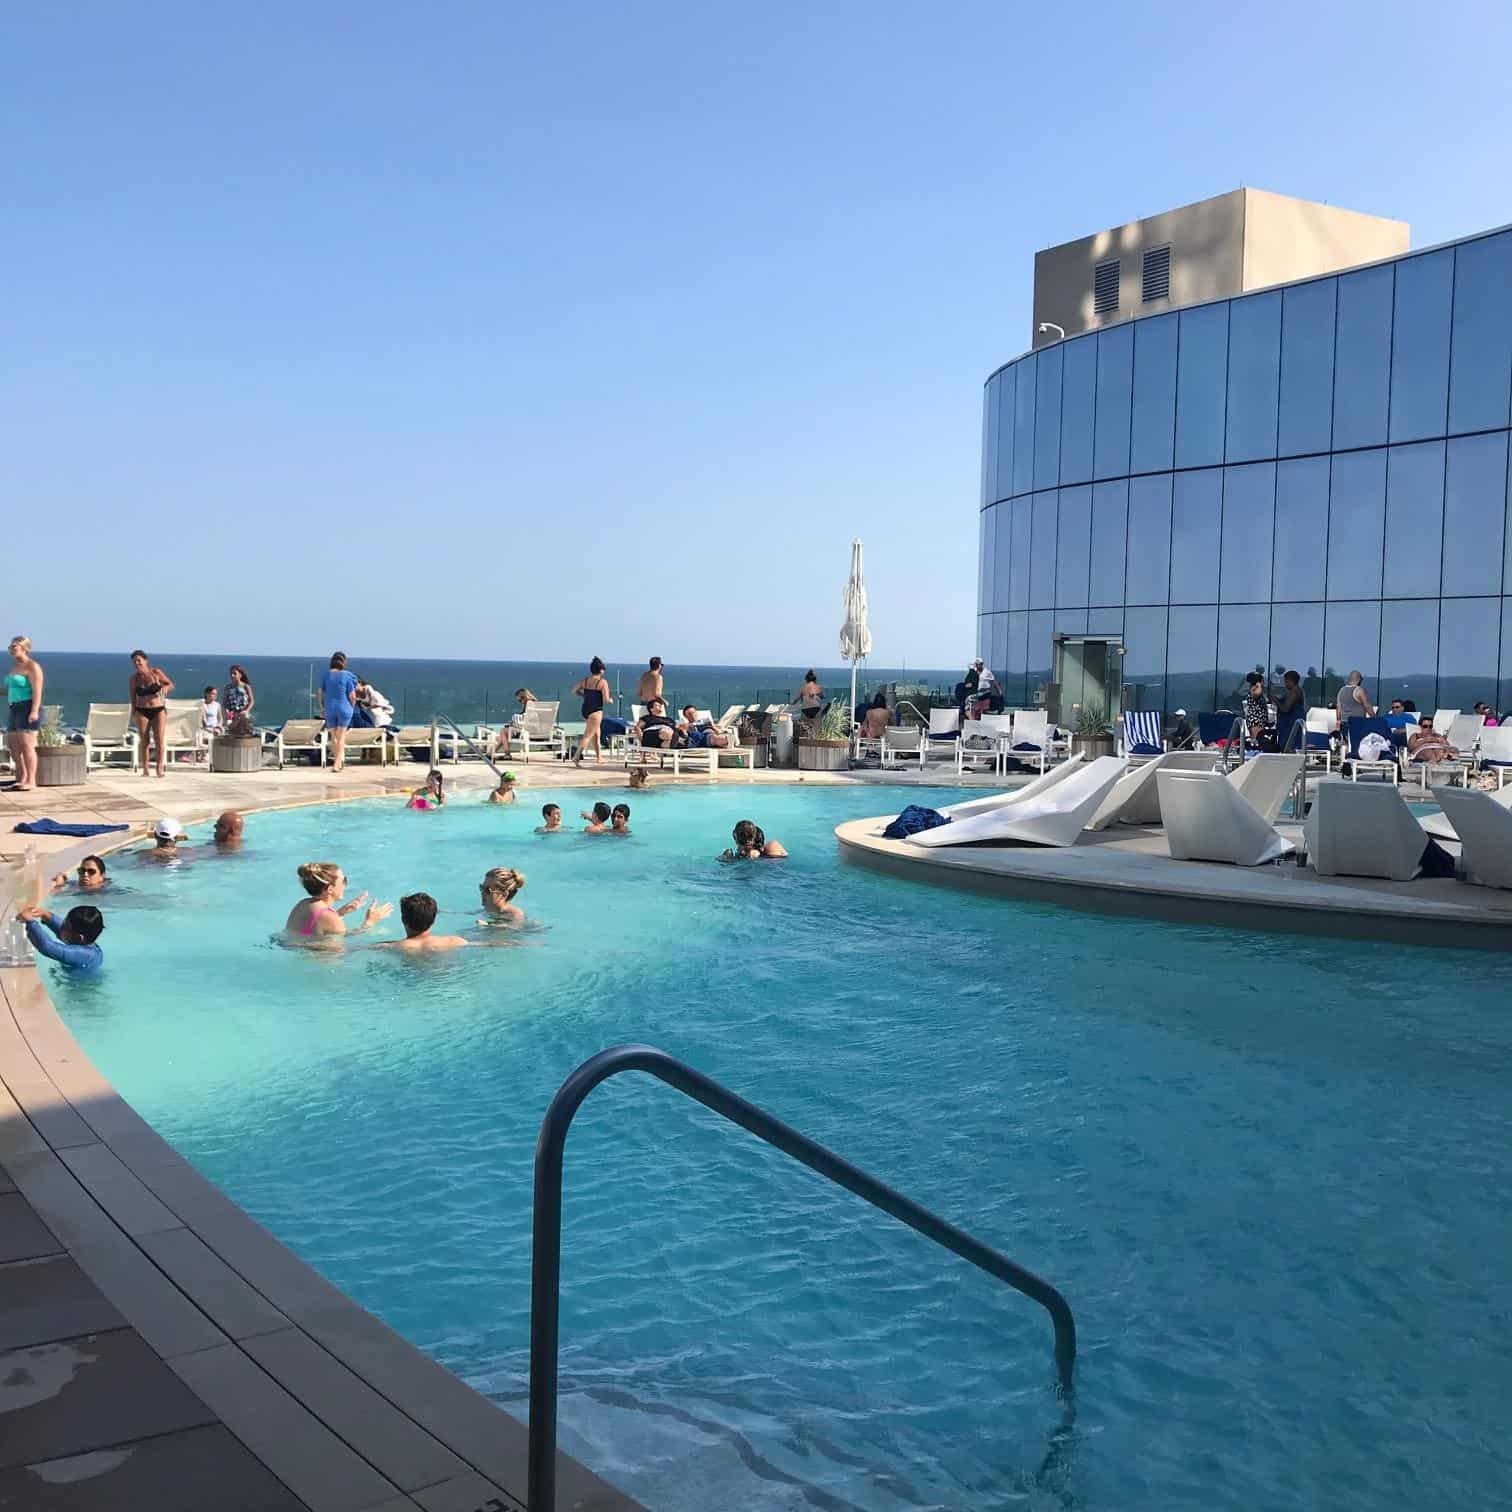 Ocean Atlantic City Pool